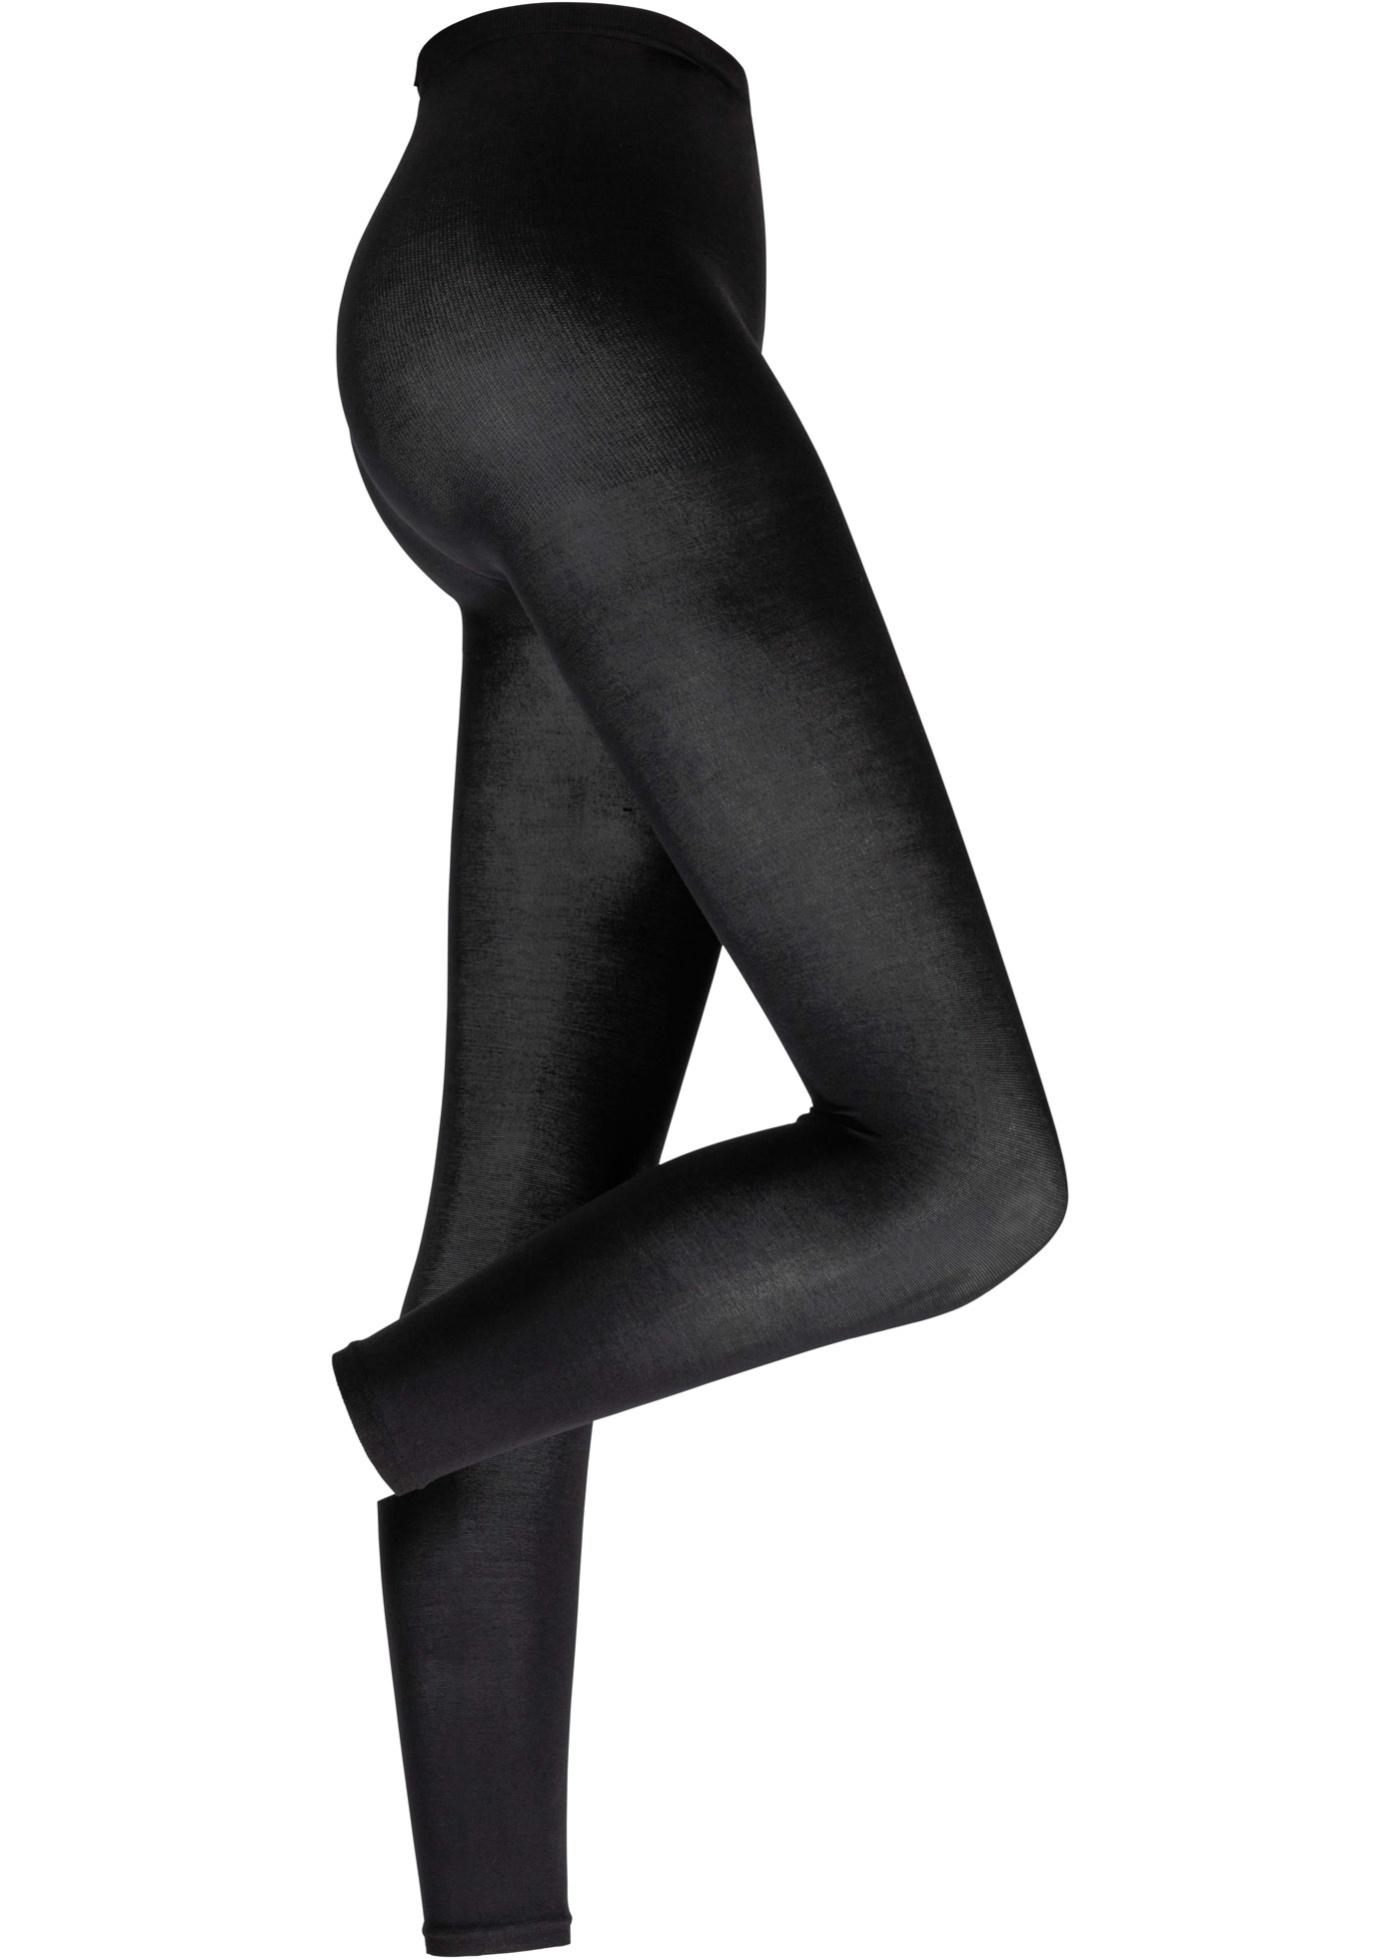 Leggings Pour Noir CollectionCollants Femme Bpc Bonprix hBQrdosxtC